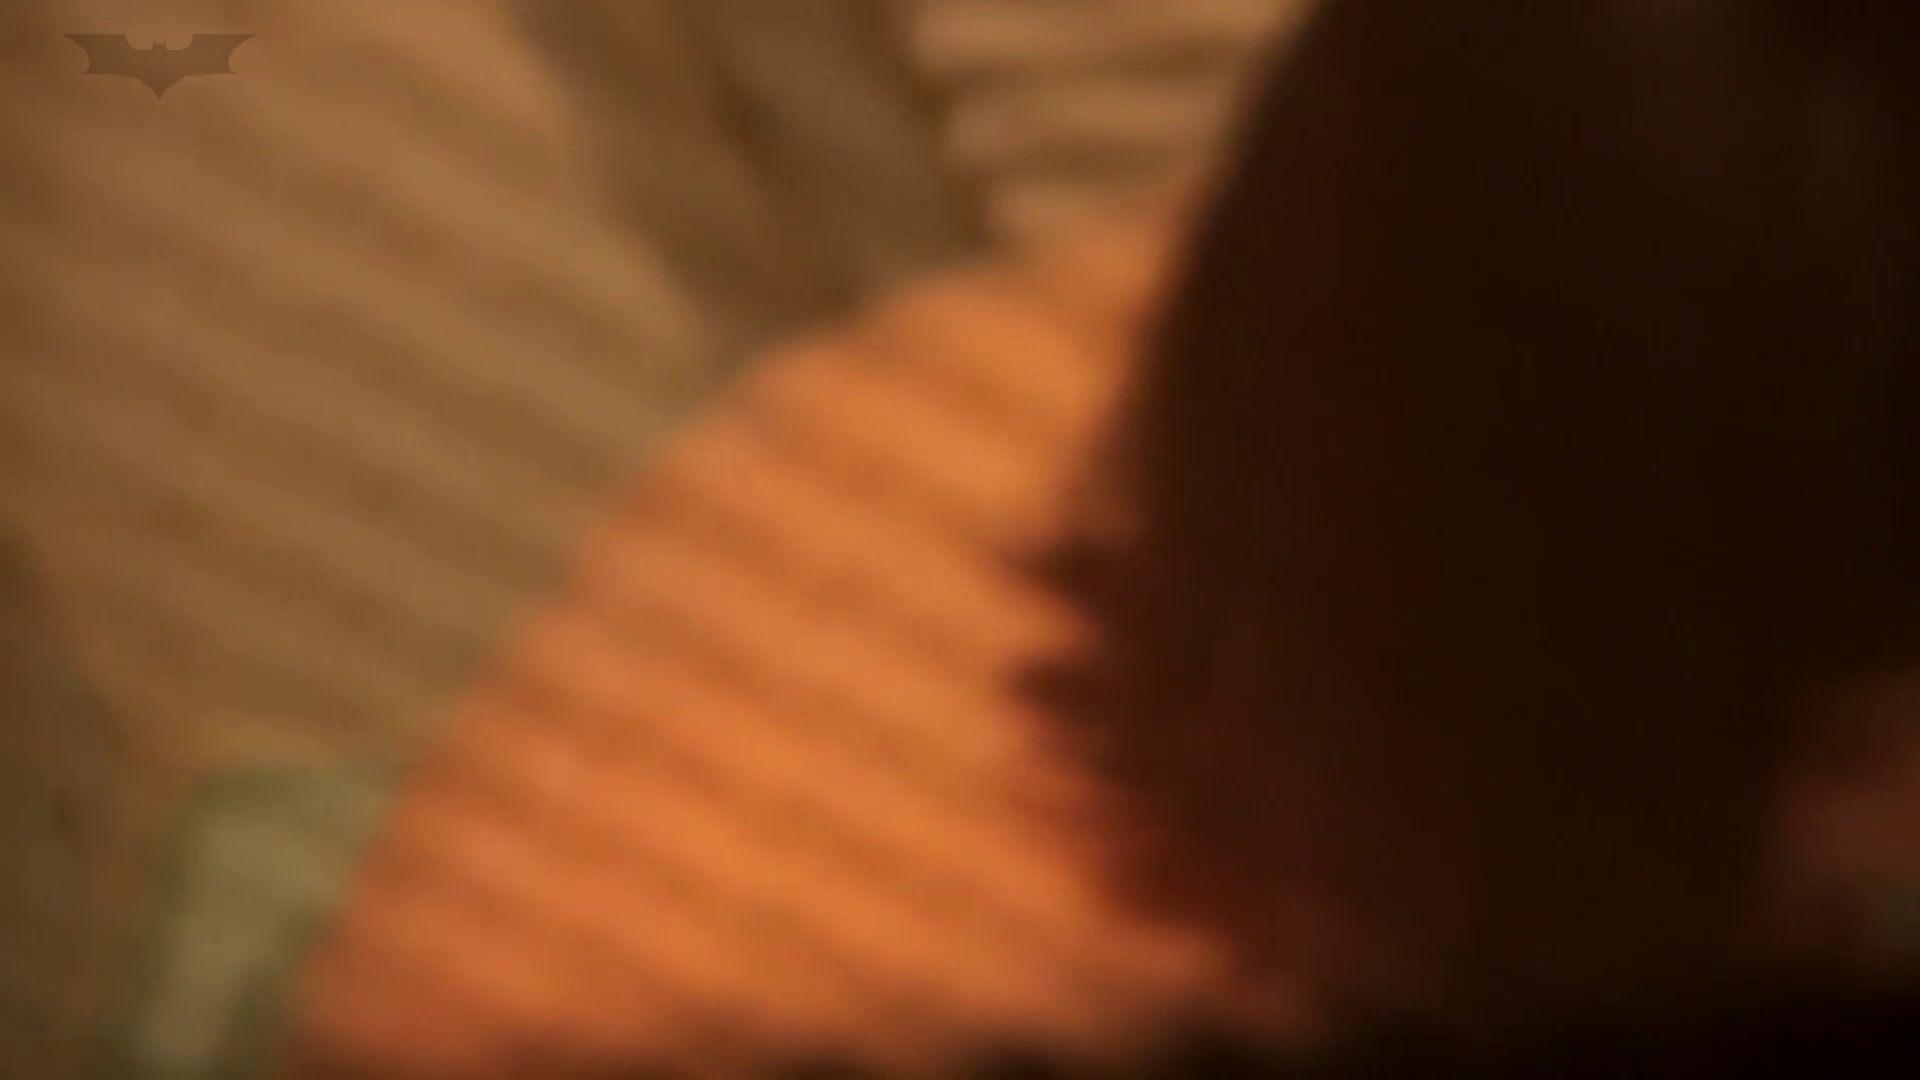 *華の女子寮ノゾキ* vol.02 Eカップがぷるぷる揺れるコ OL女体 | 女子寮  95連発 58